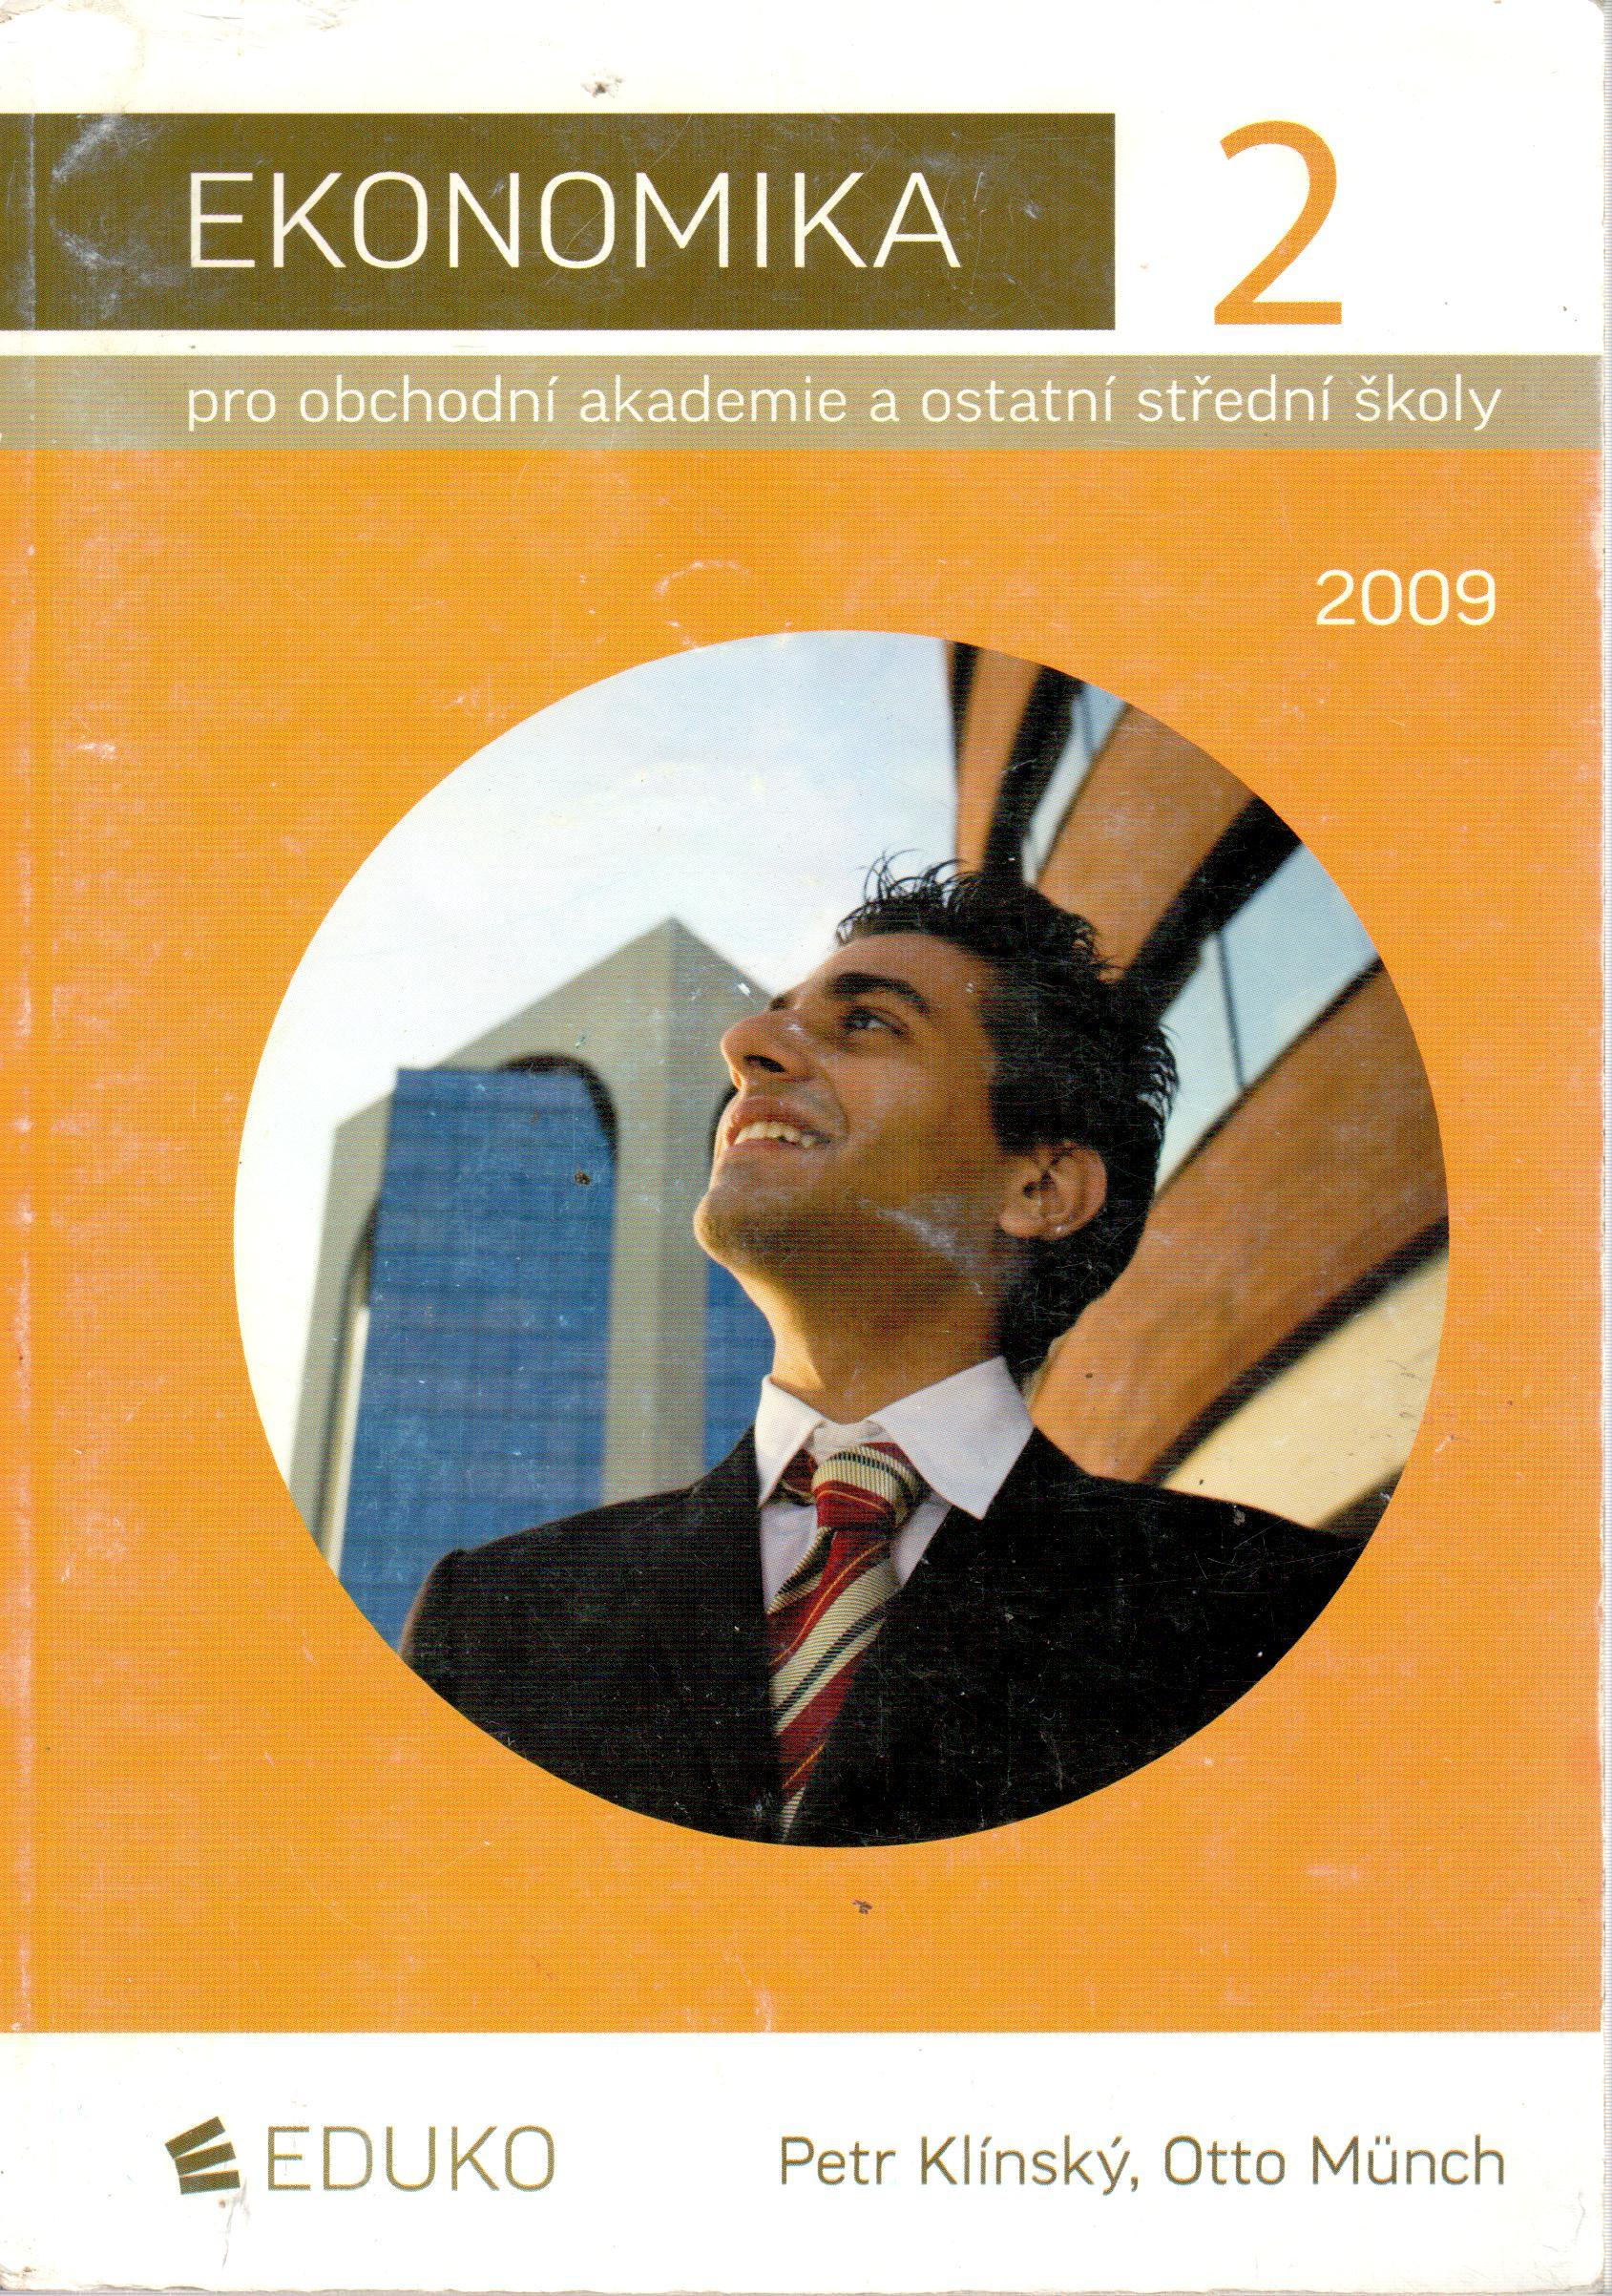 Ekonomika 2 pro obchodní akademie a ostatní střední školy - Náhled učebnice